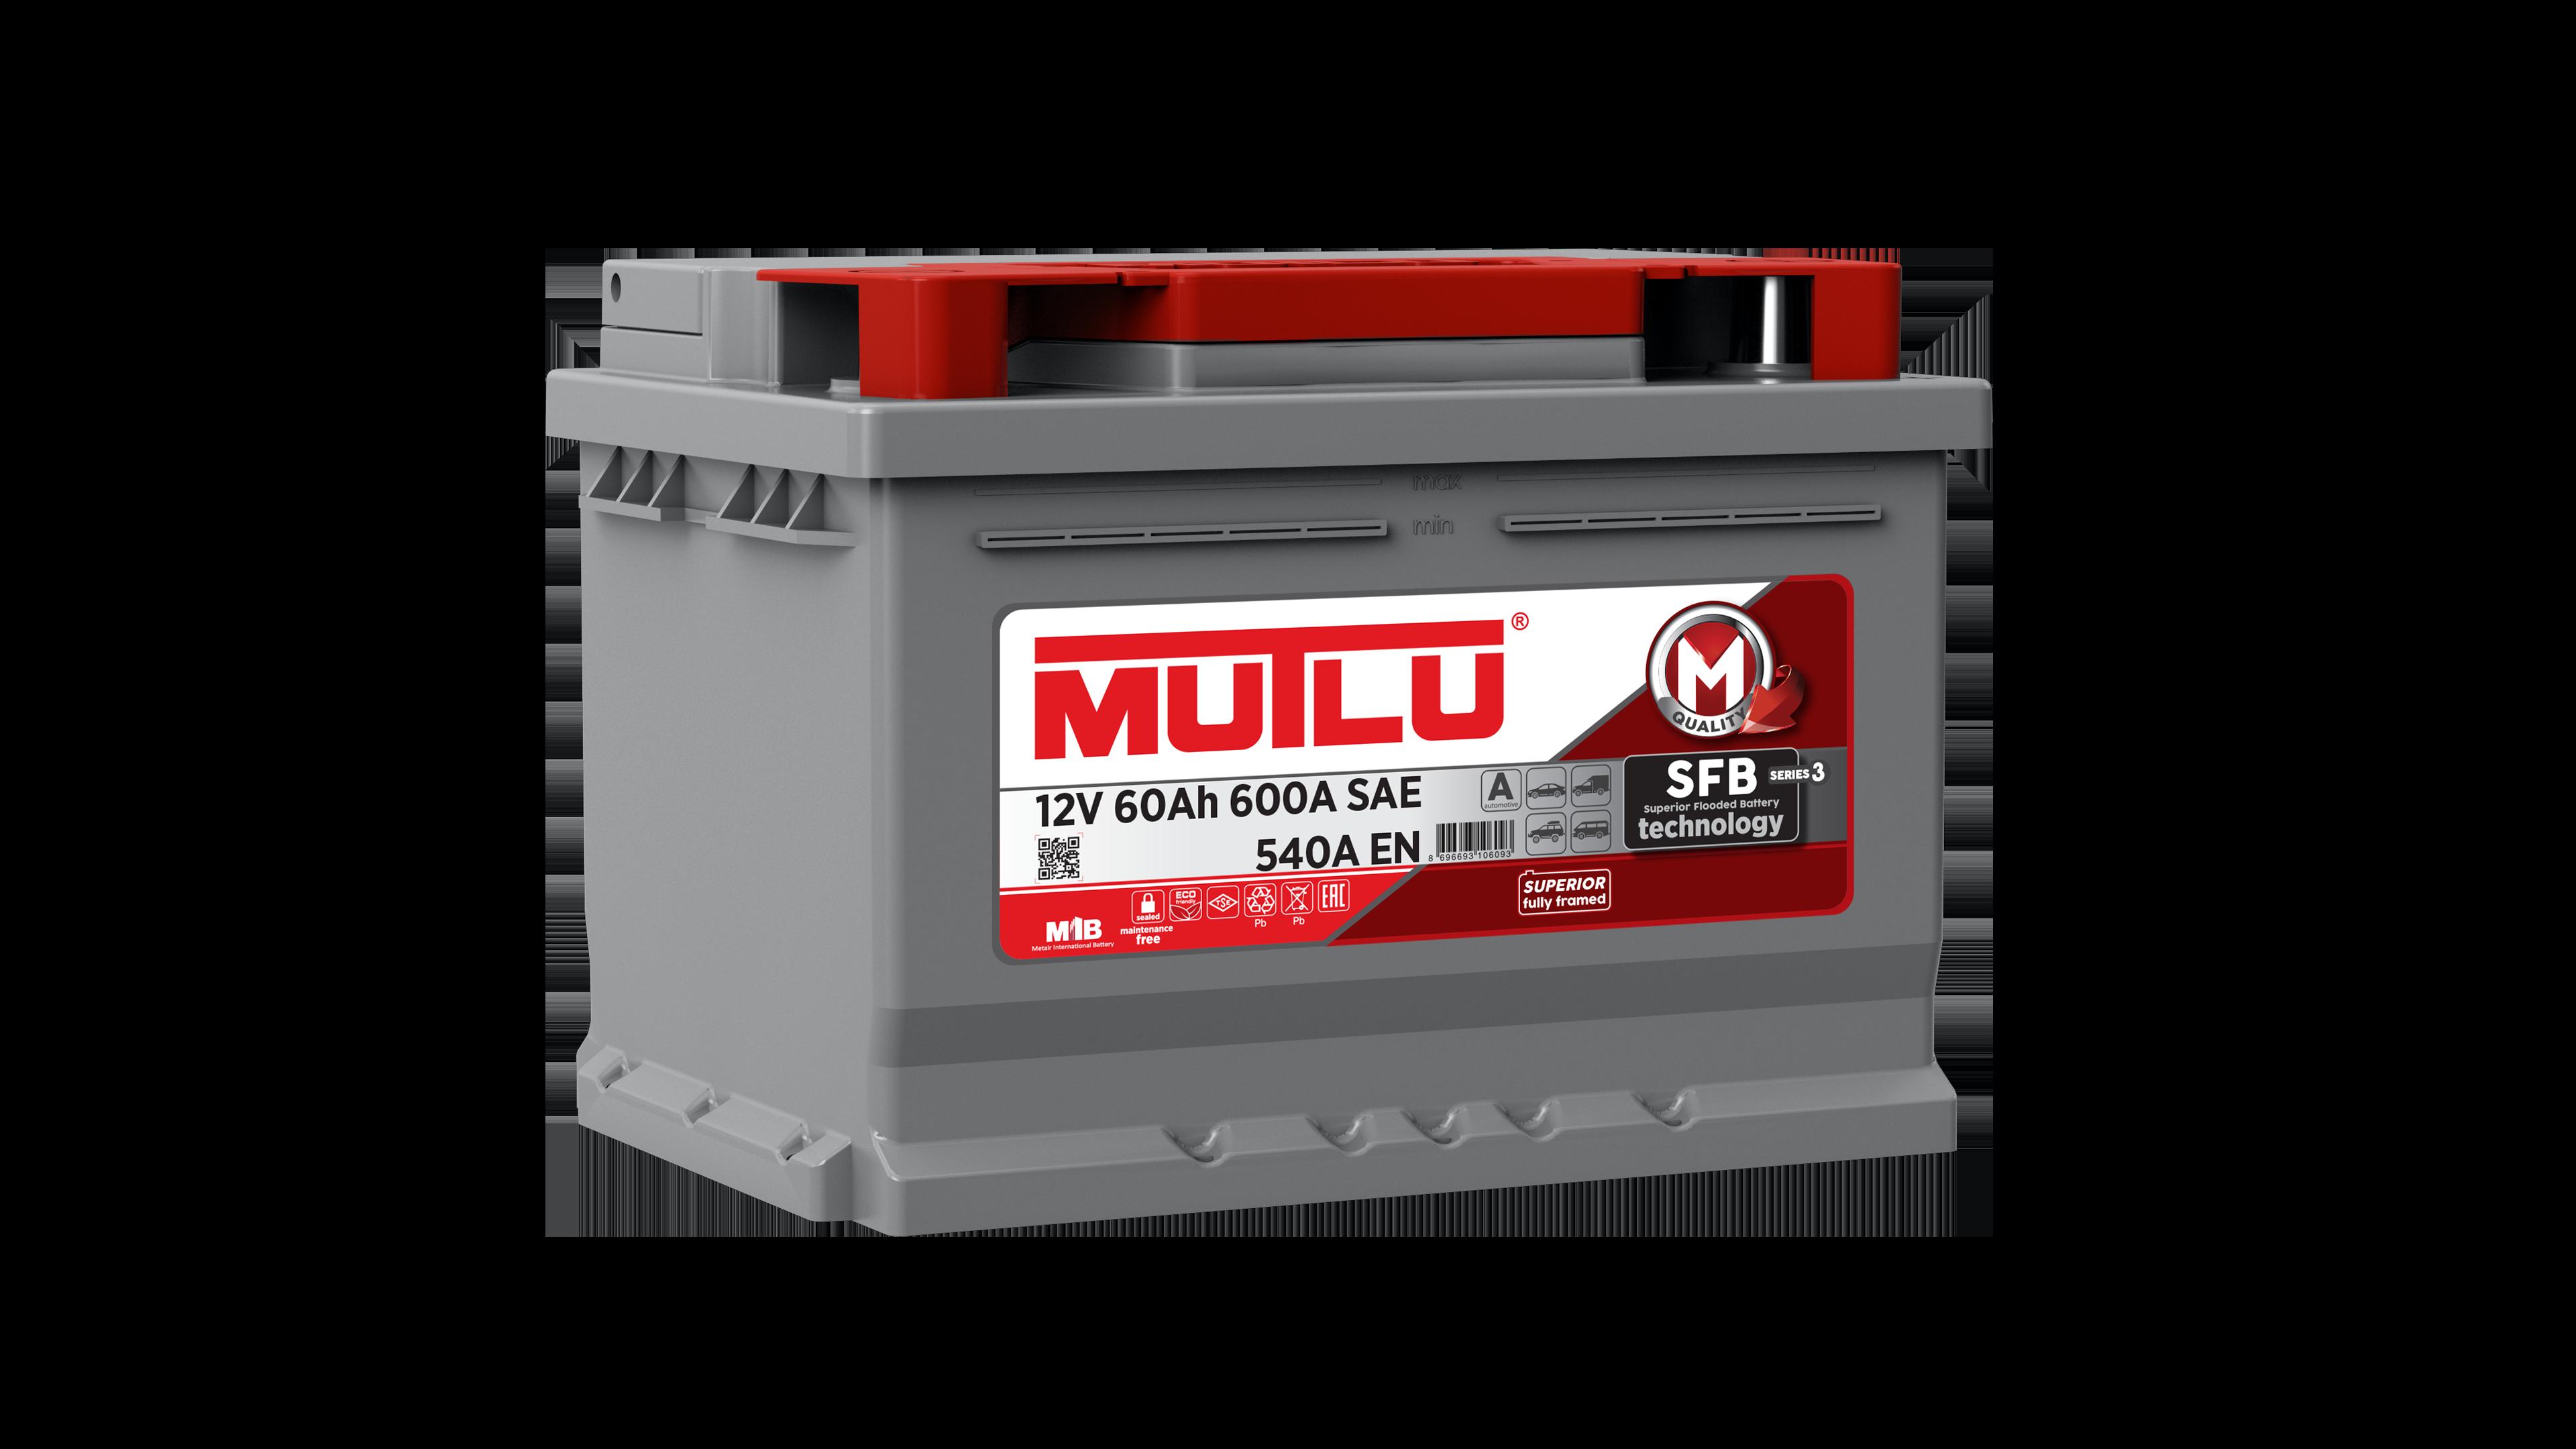 Mutlu LB260054A Батарея аккумуляторная 60А/ч 540А 12В обратная поляр. стандартные клеммы